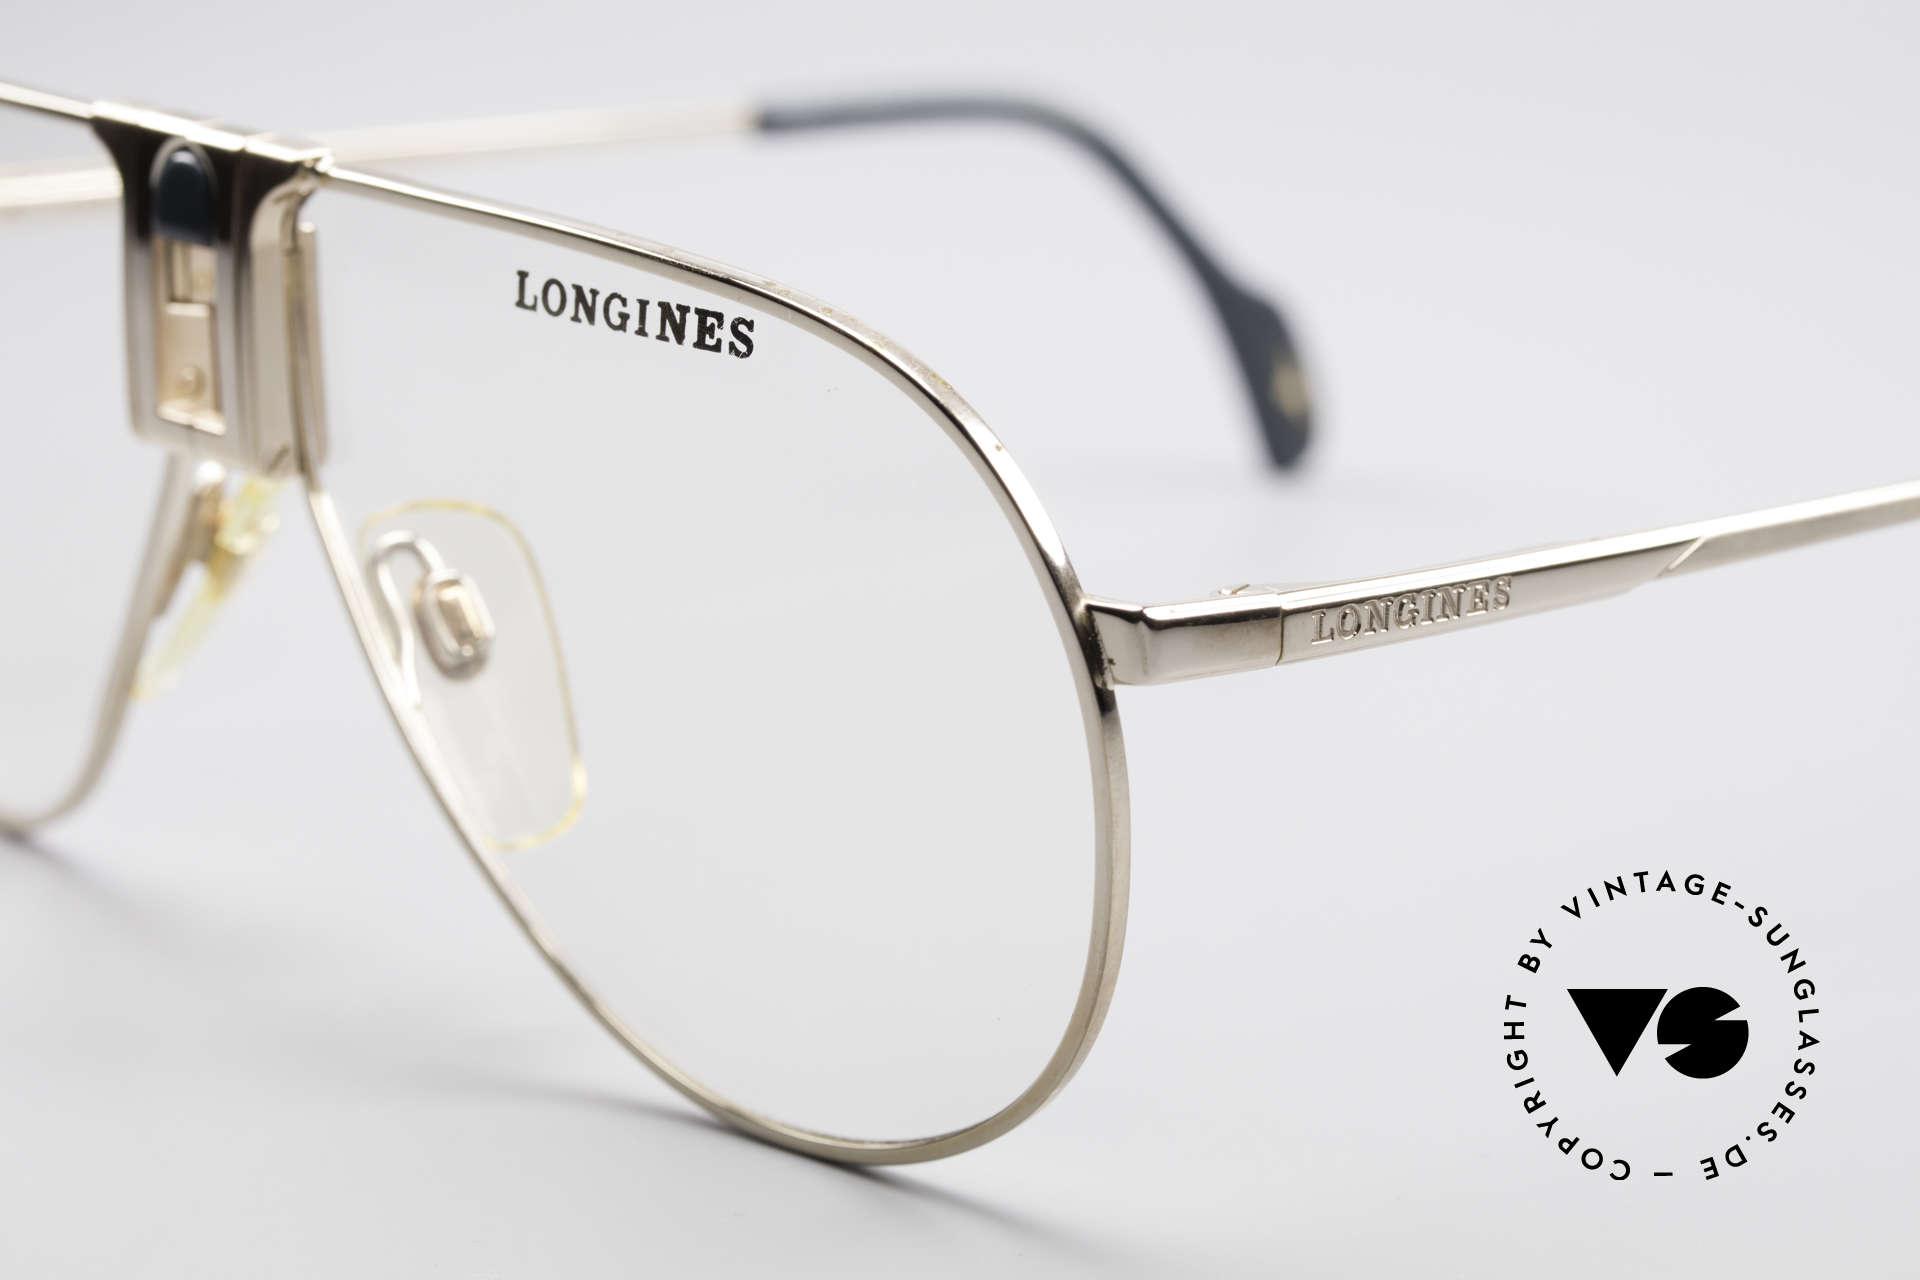 Longines 0154 1980's Aviator Eyeglasses, luxury designer glasses for gentlemen; pure lifestyle!, Made for Men